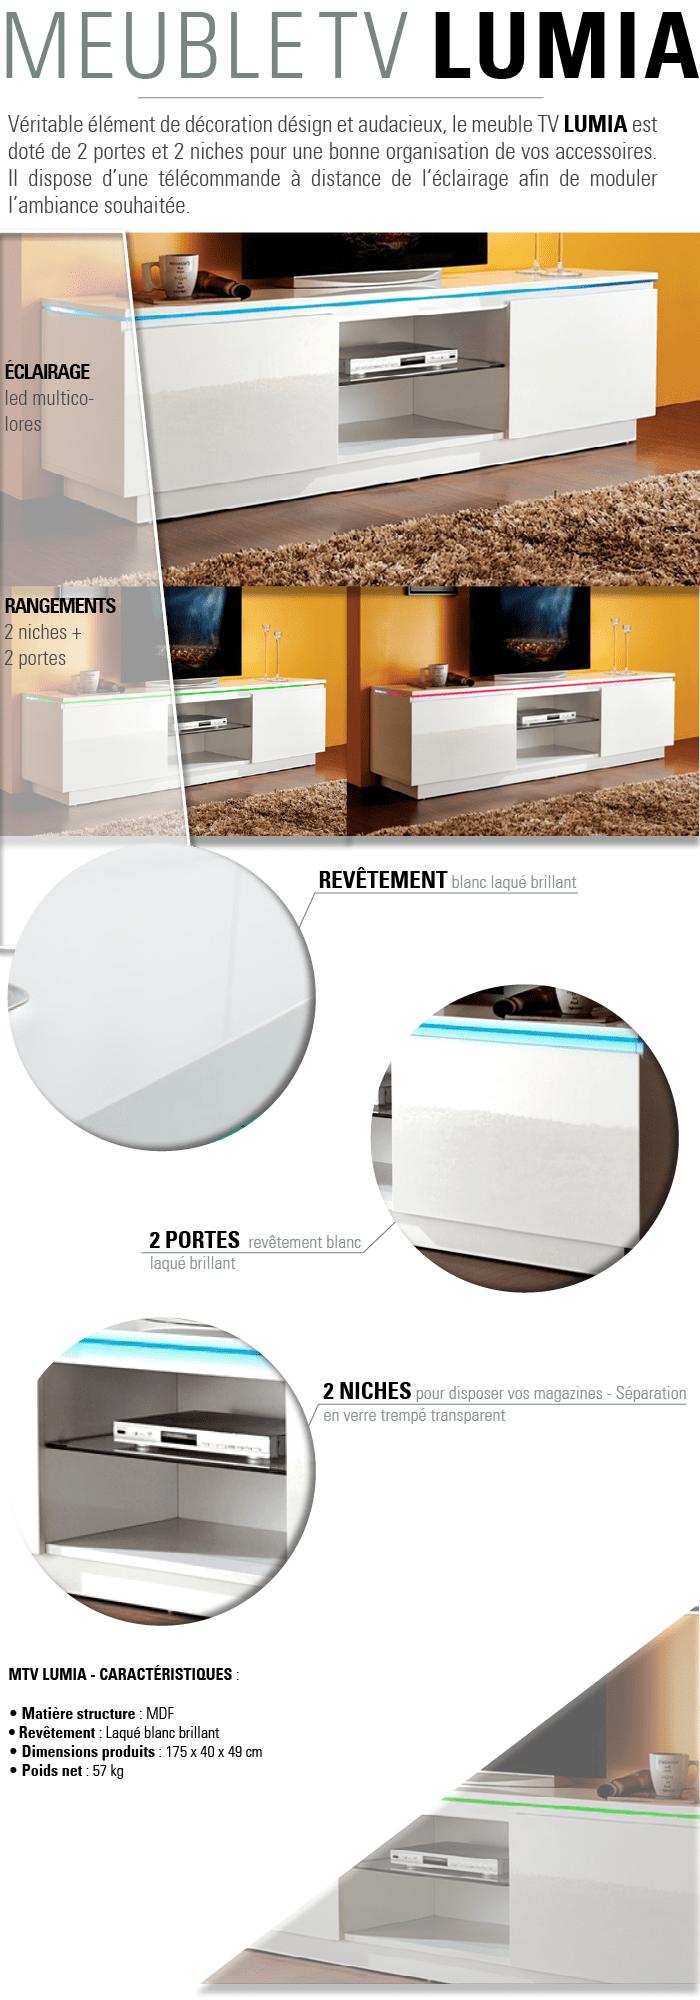 Lumia Meuble Tv Avec Clairage Led Multicolore 175×40 Cm Blanc  # Eclairage Led Pour Meuble Tv